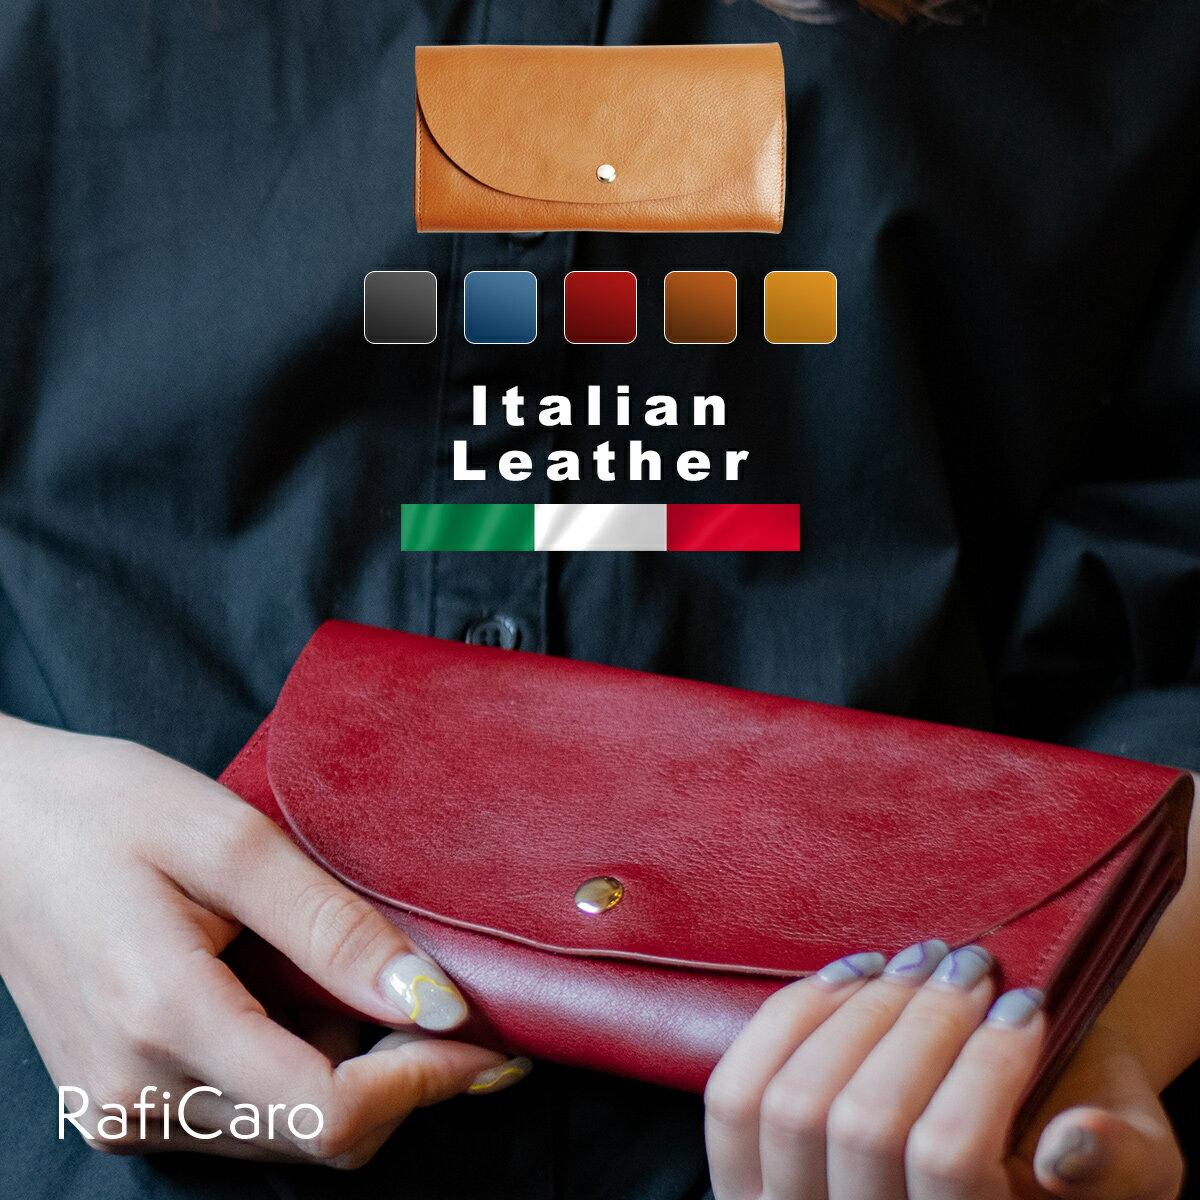 長財布 大容量 牛革 本革 柔らか イタリアンレザー カード入れ 二つ折りフラップ ボタン留め 財布 大容量だけど薄い レディース MIRACOLO ブランド シンプル かわいい おしゃれ ロングウォレット 送料無料